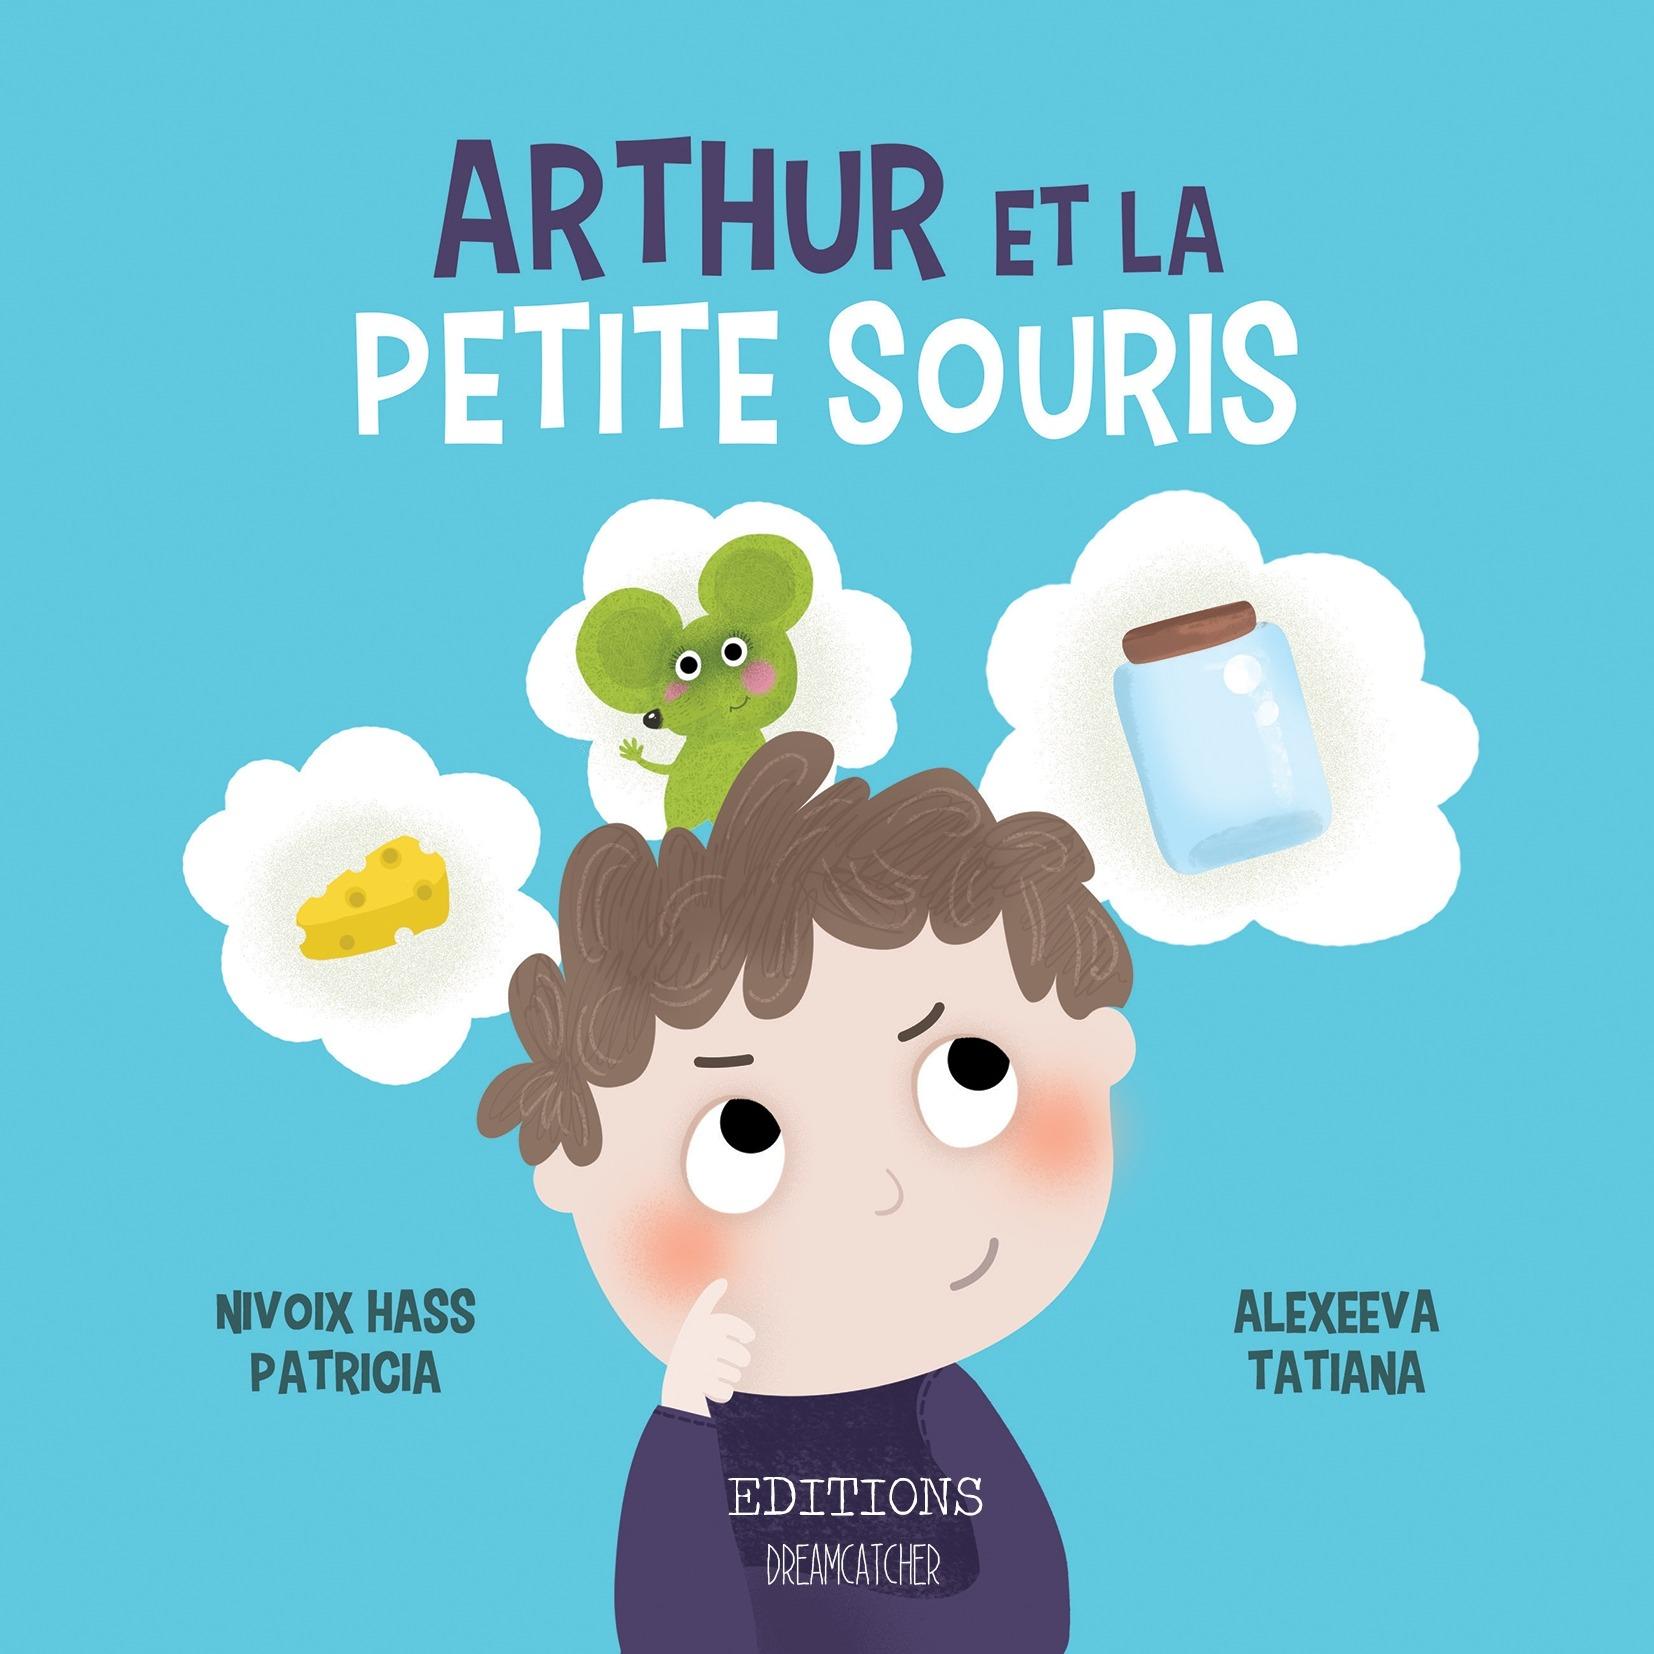 Arthur et la petite souris